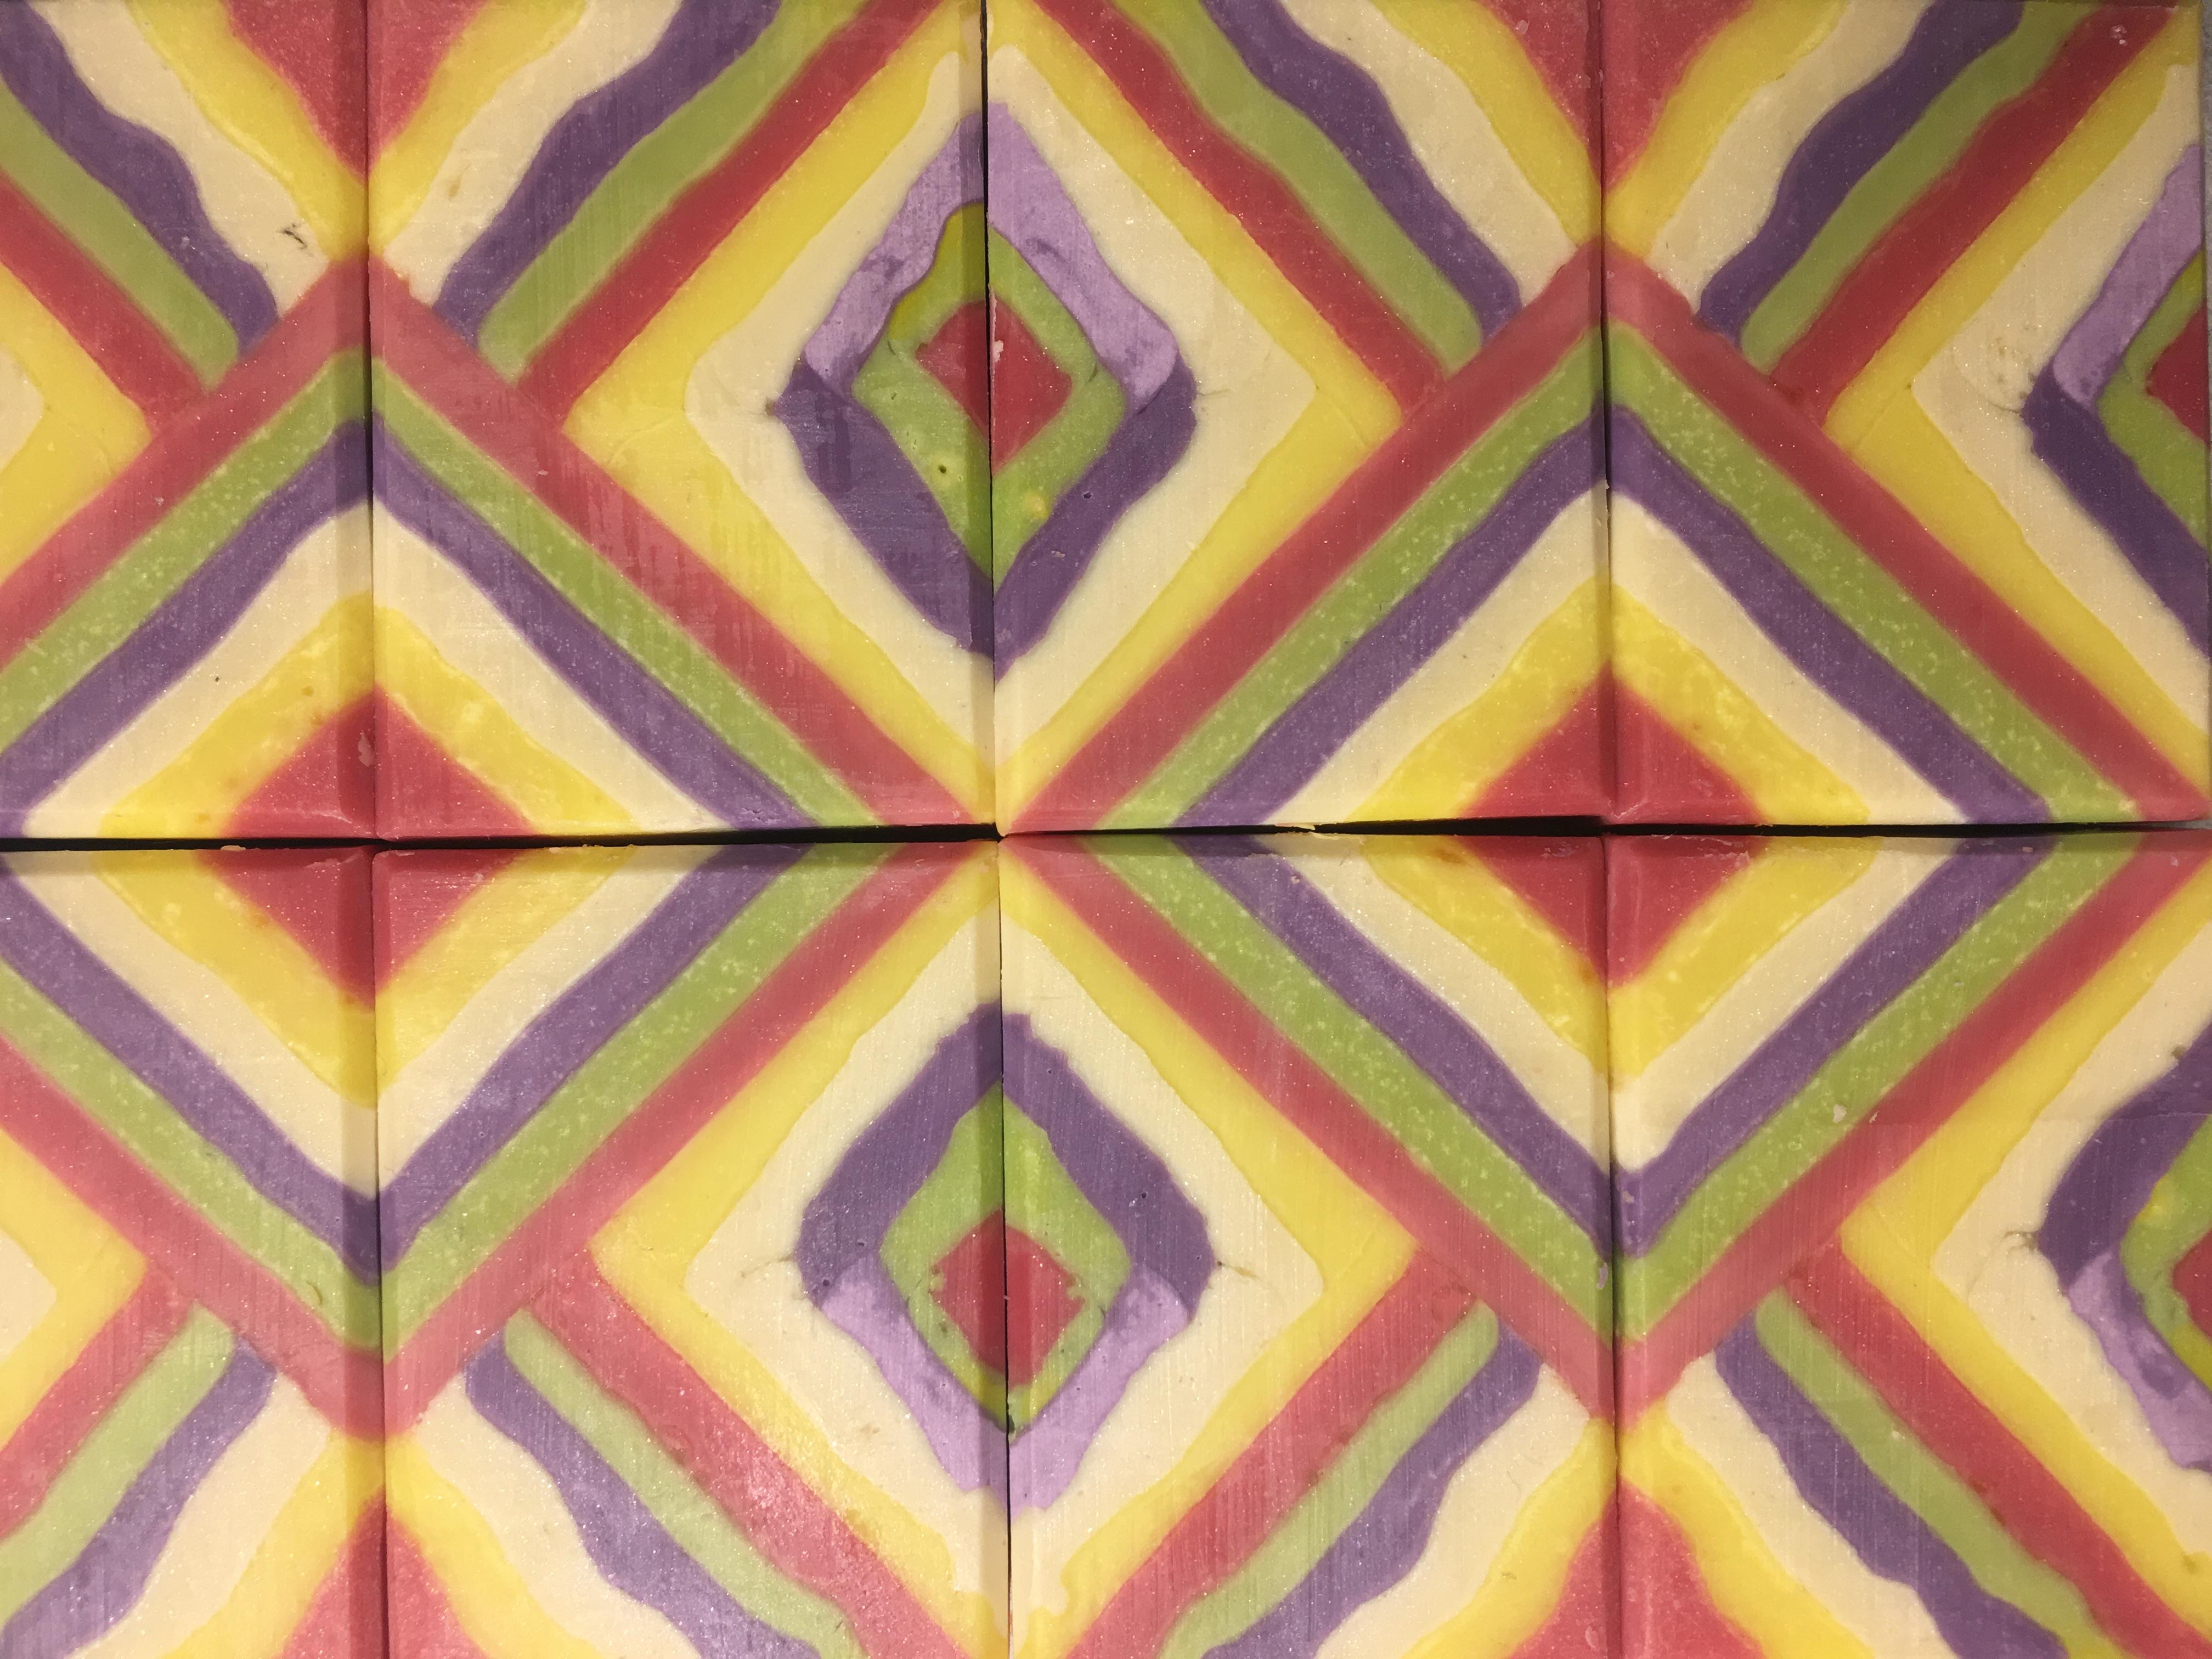 21 layers in chevron design